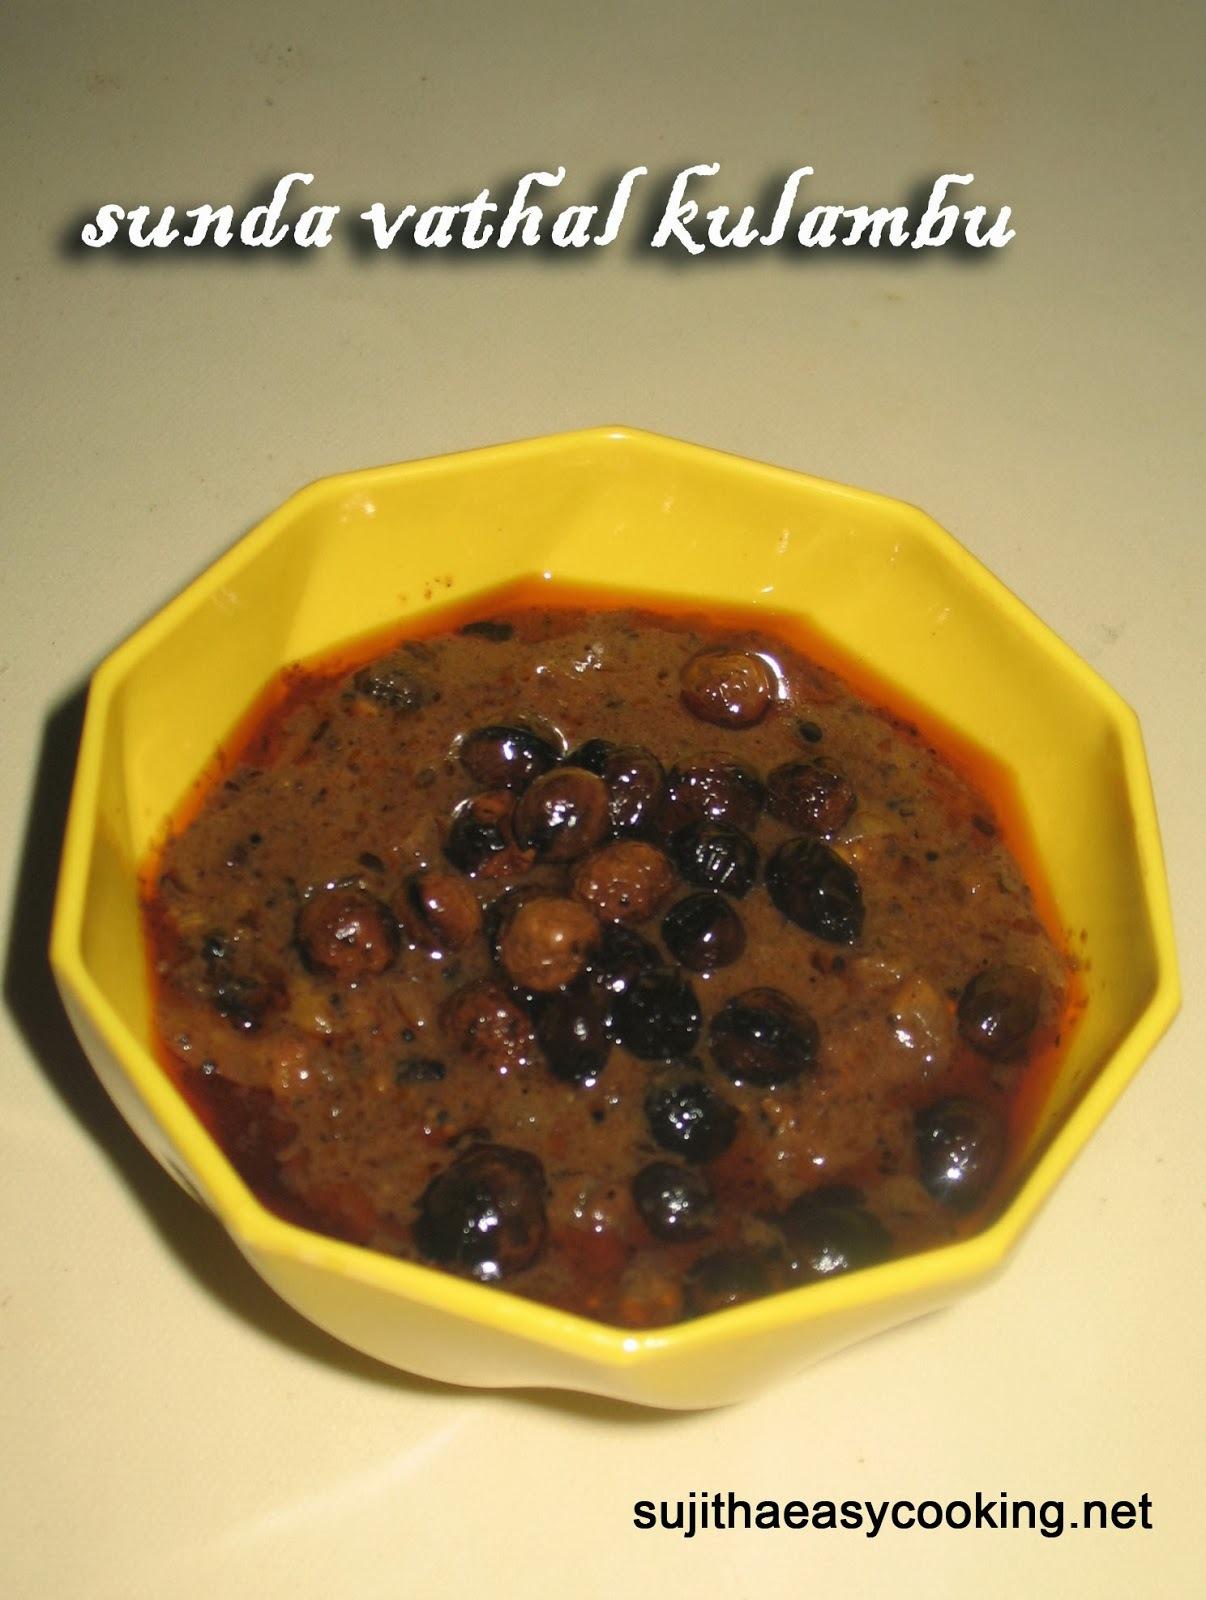 Sunda vathal Kulambu